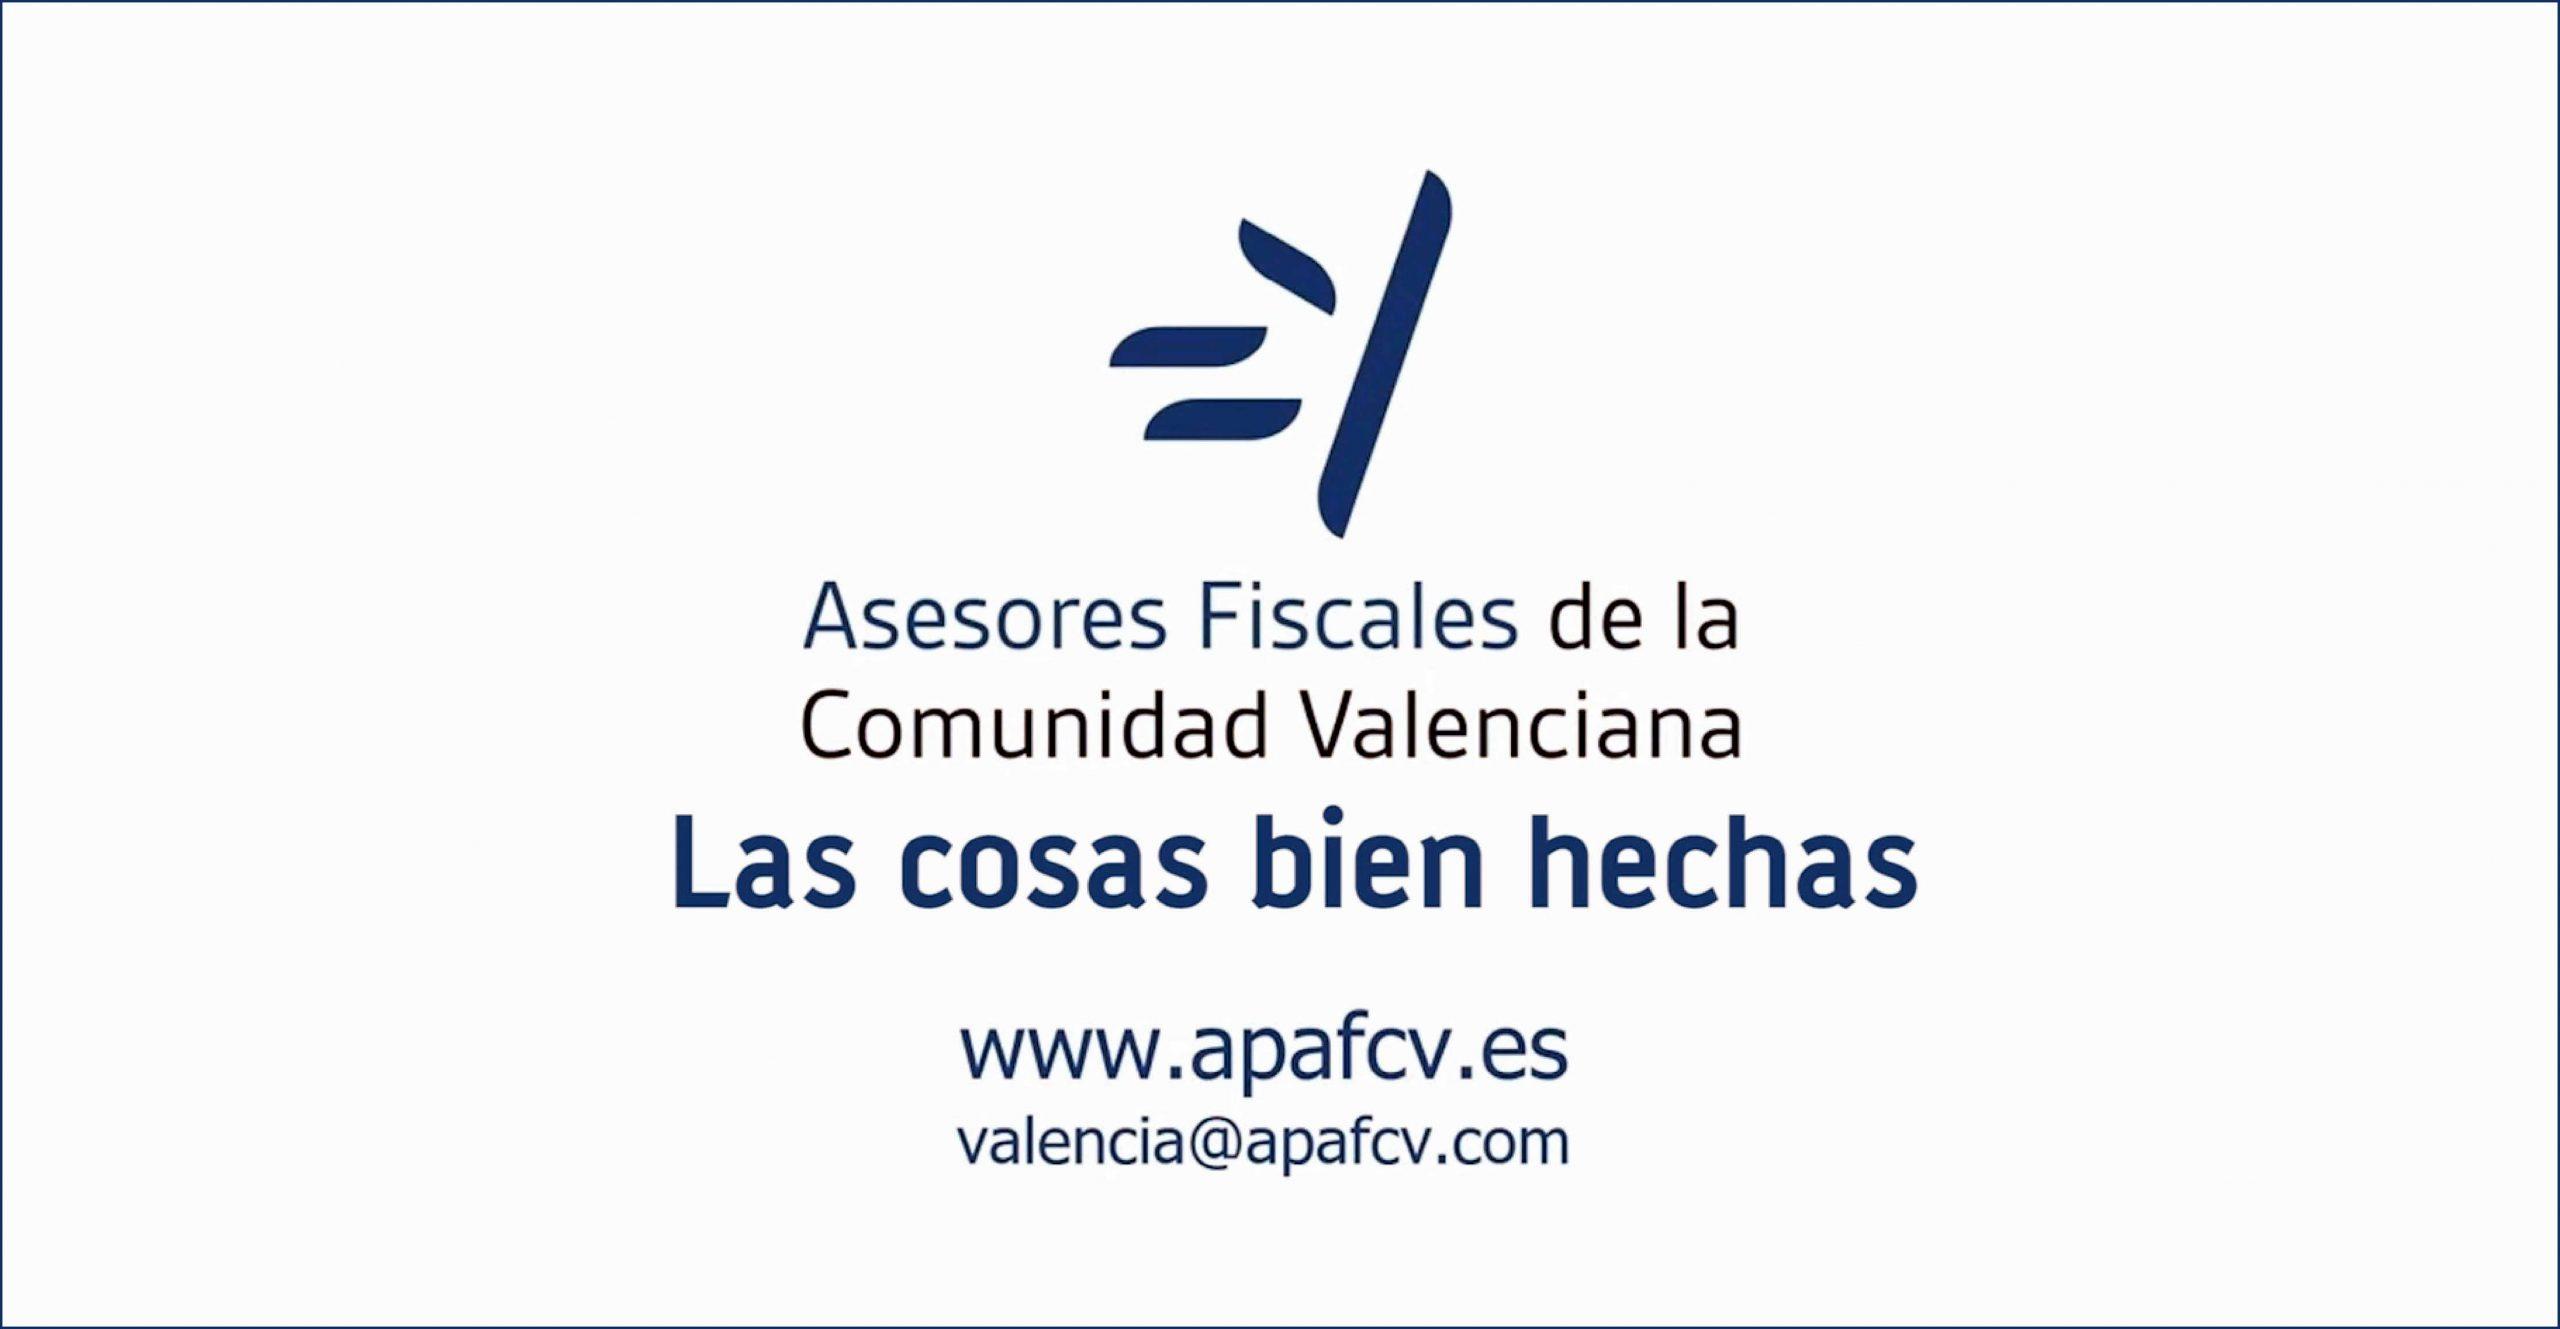 Vídeo Corporativo APAFCV